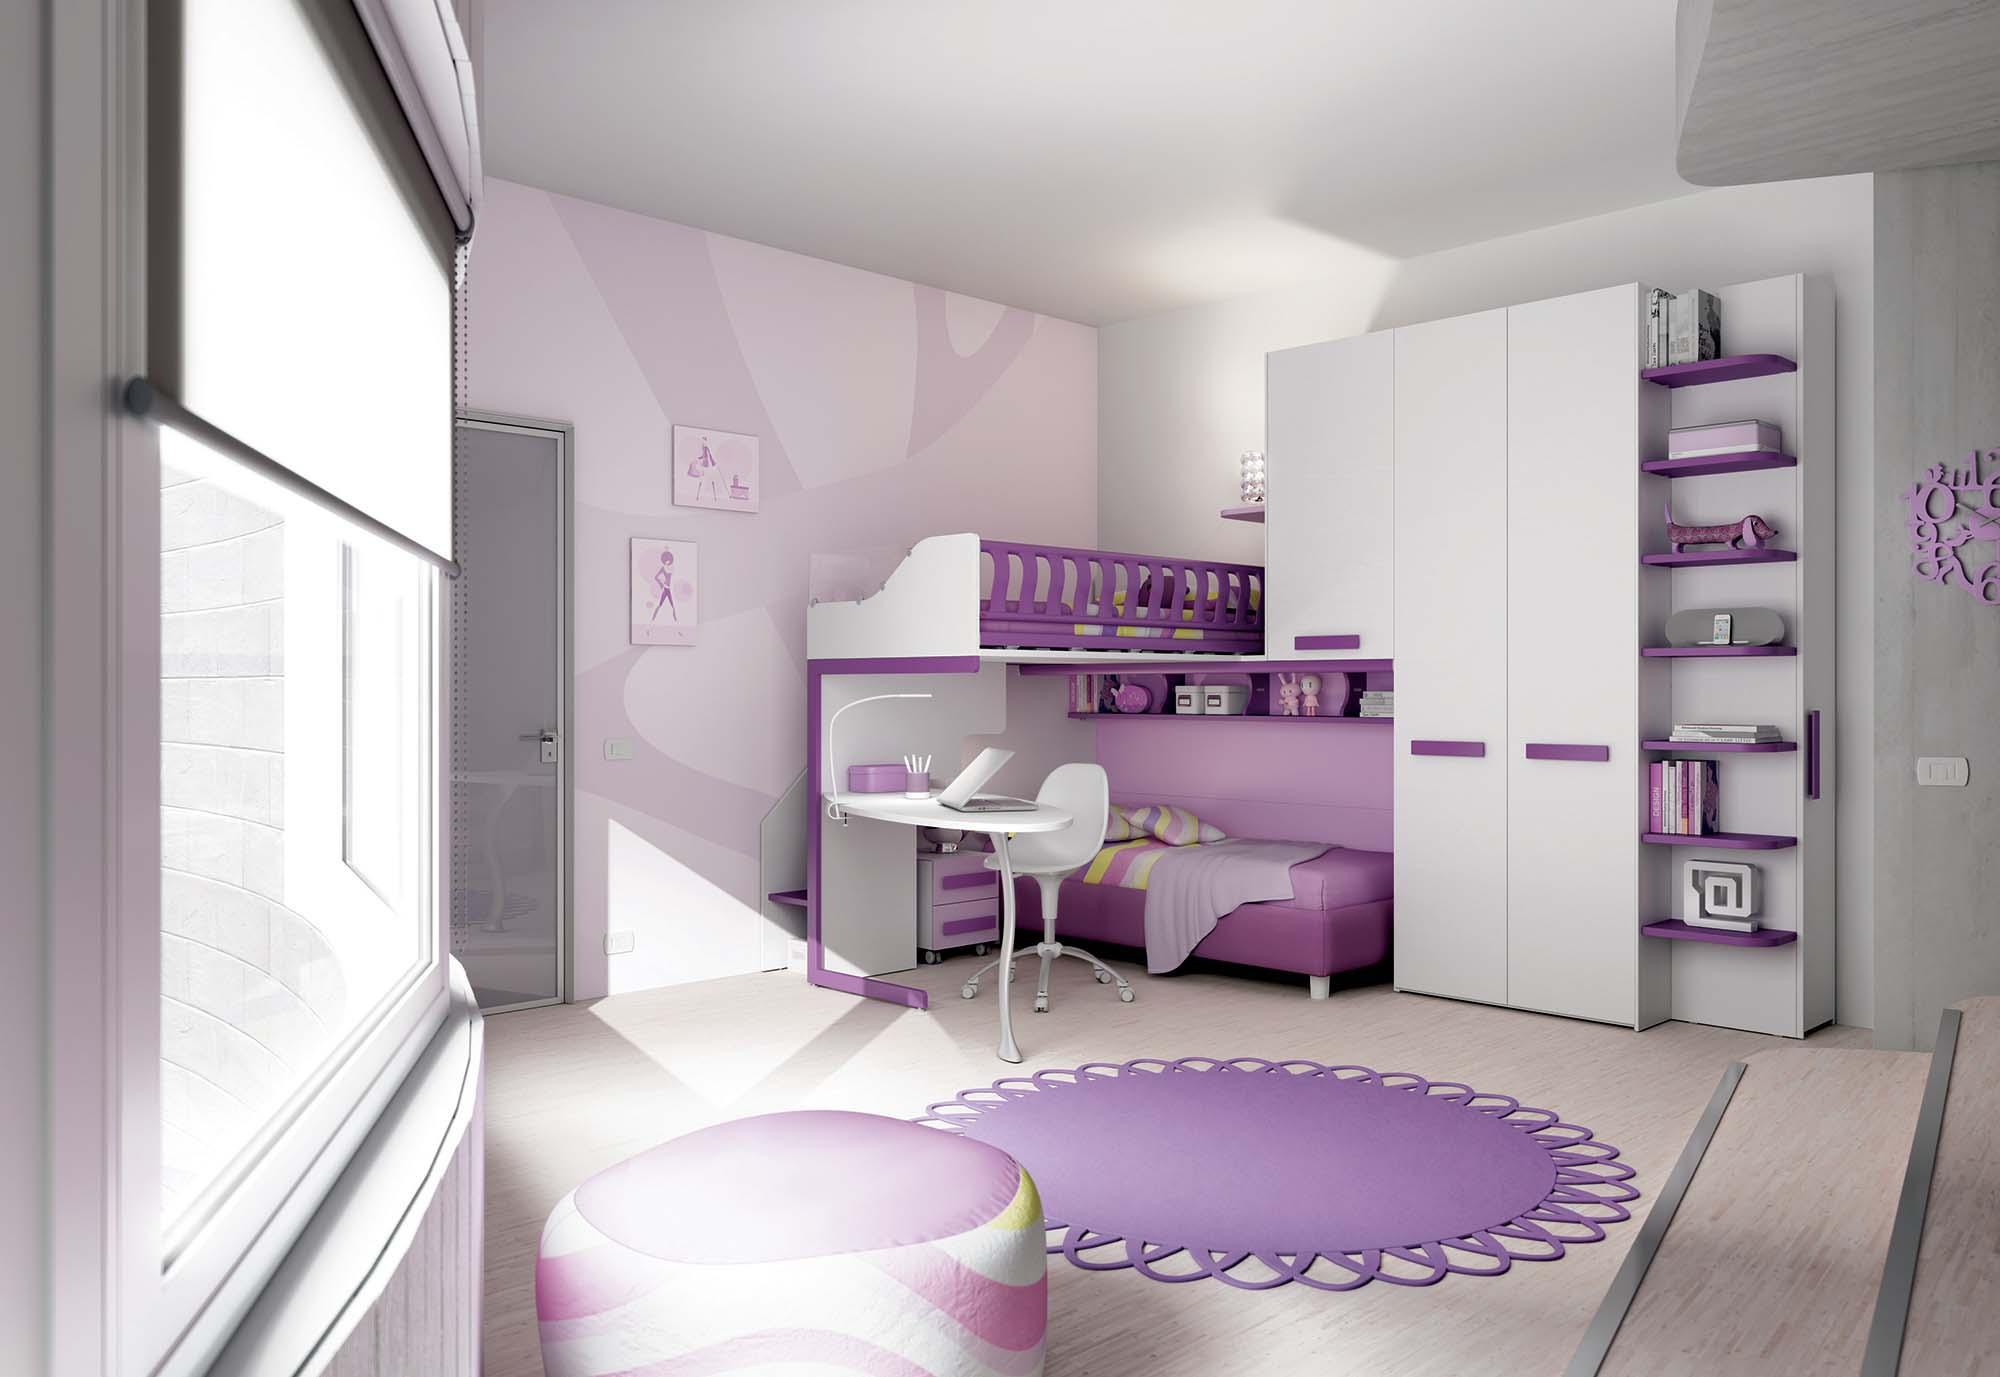 Chambre enfant design avec lits superposés- MORETTI COMPACT - SO NUIT